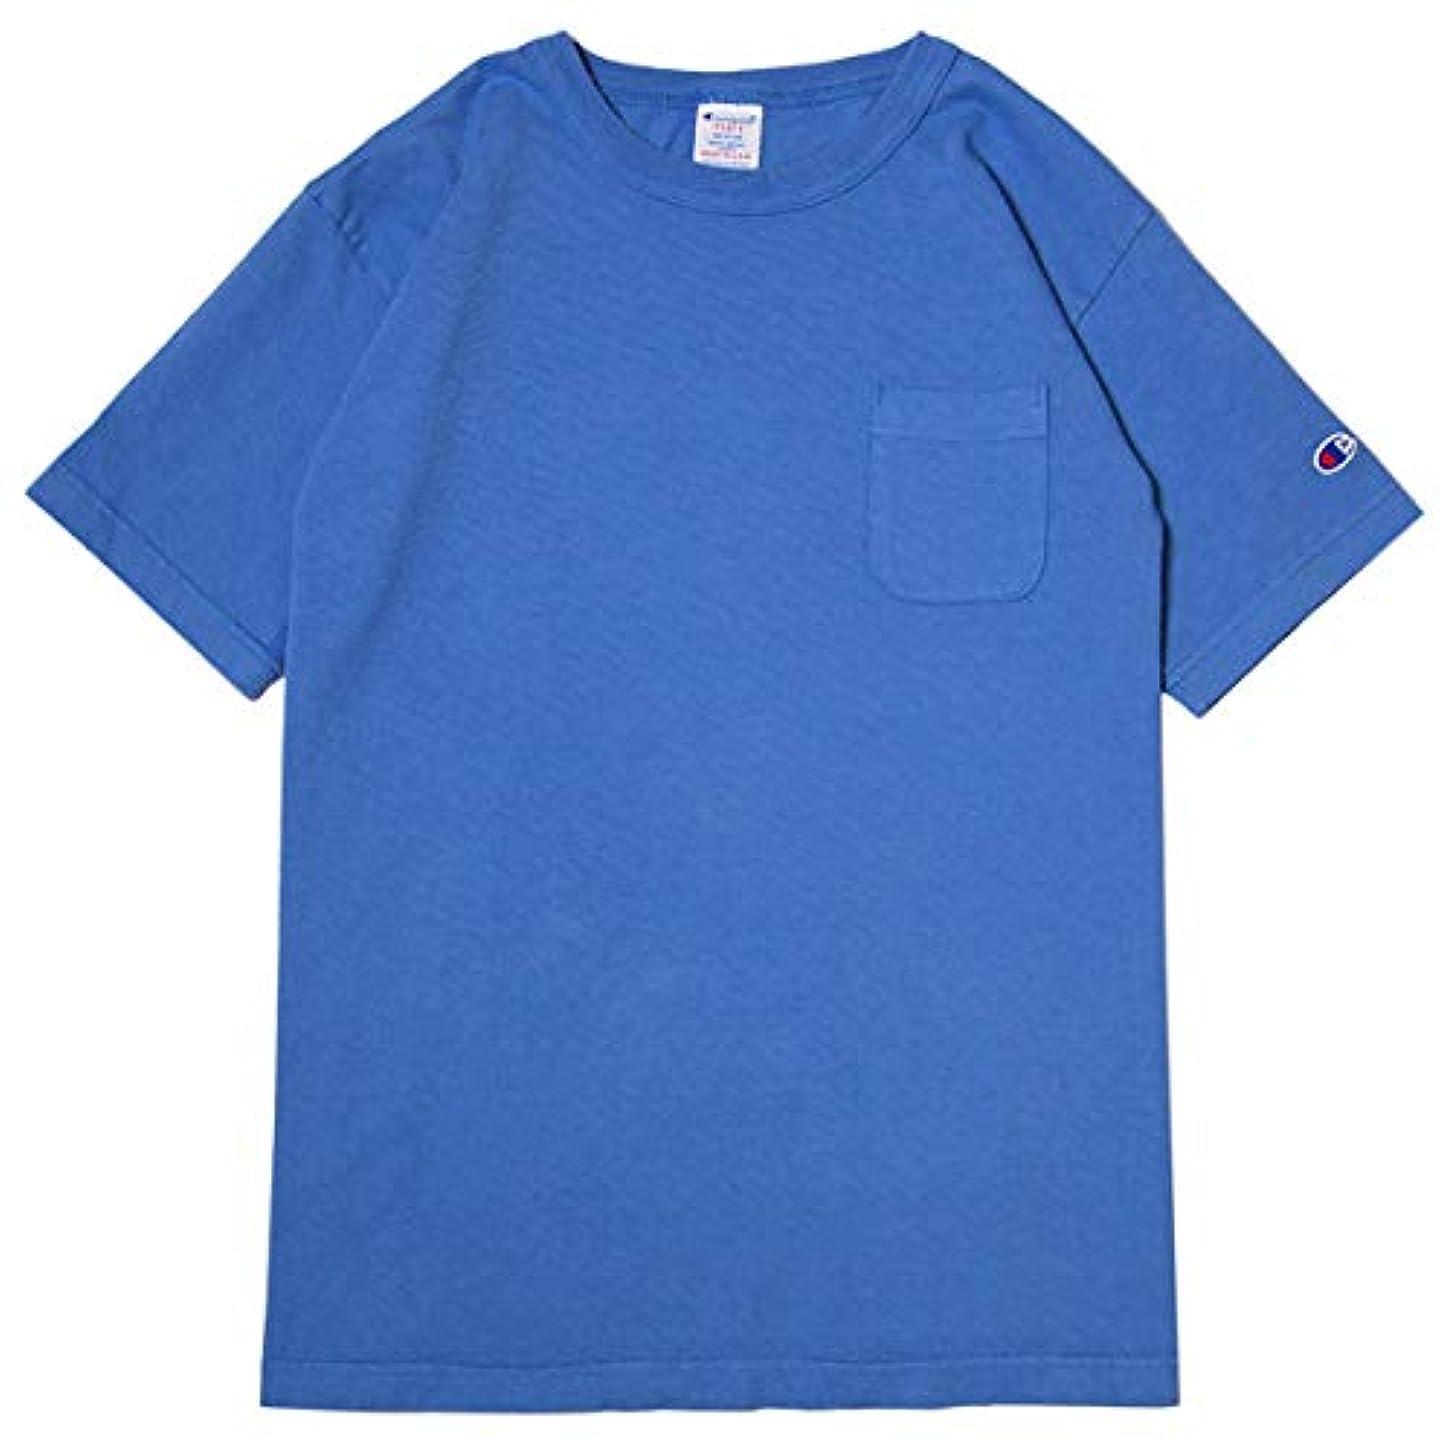 リンス寸前クレデンシャルチャンピオン Tシャツ メンズ CHAMPION T1011 ポケット付き US Tシャツ 19SS MADE IN USA ブルーグレー